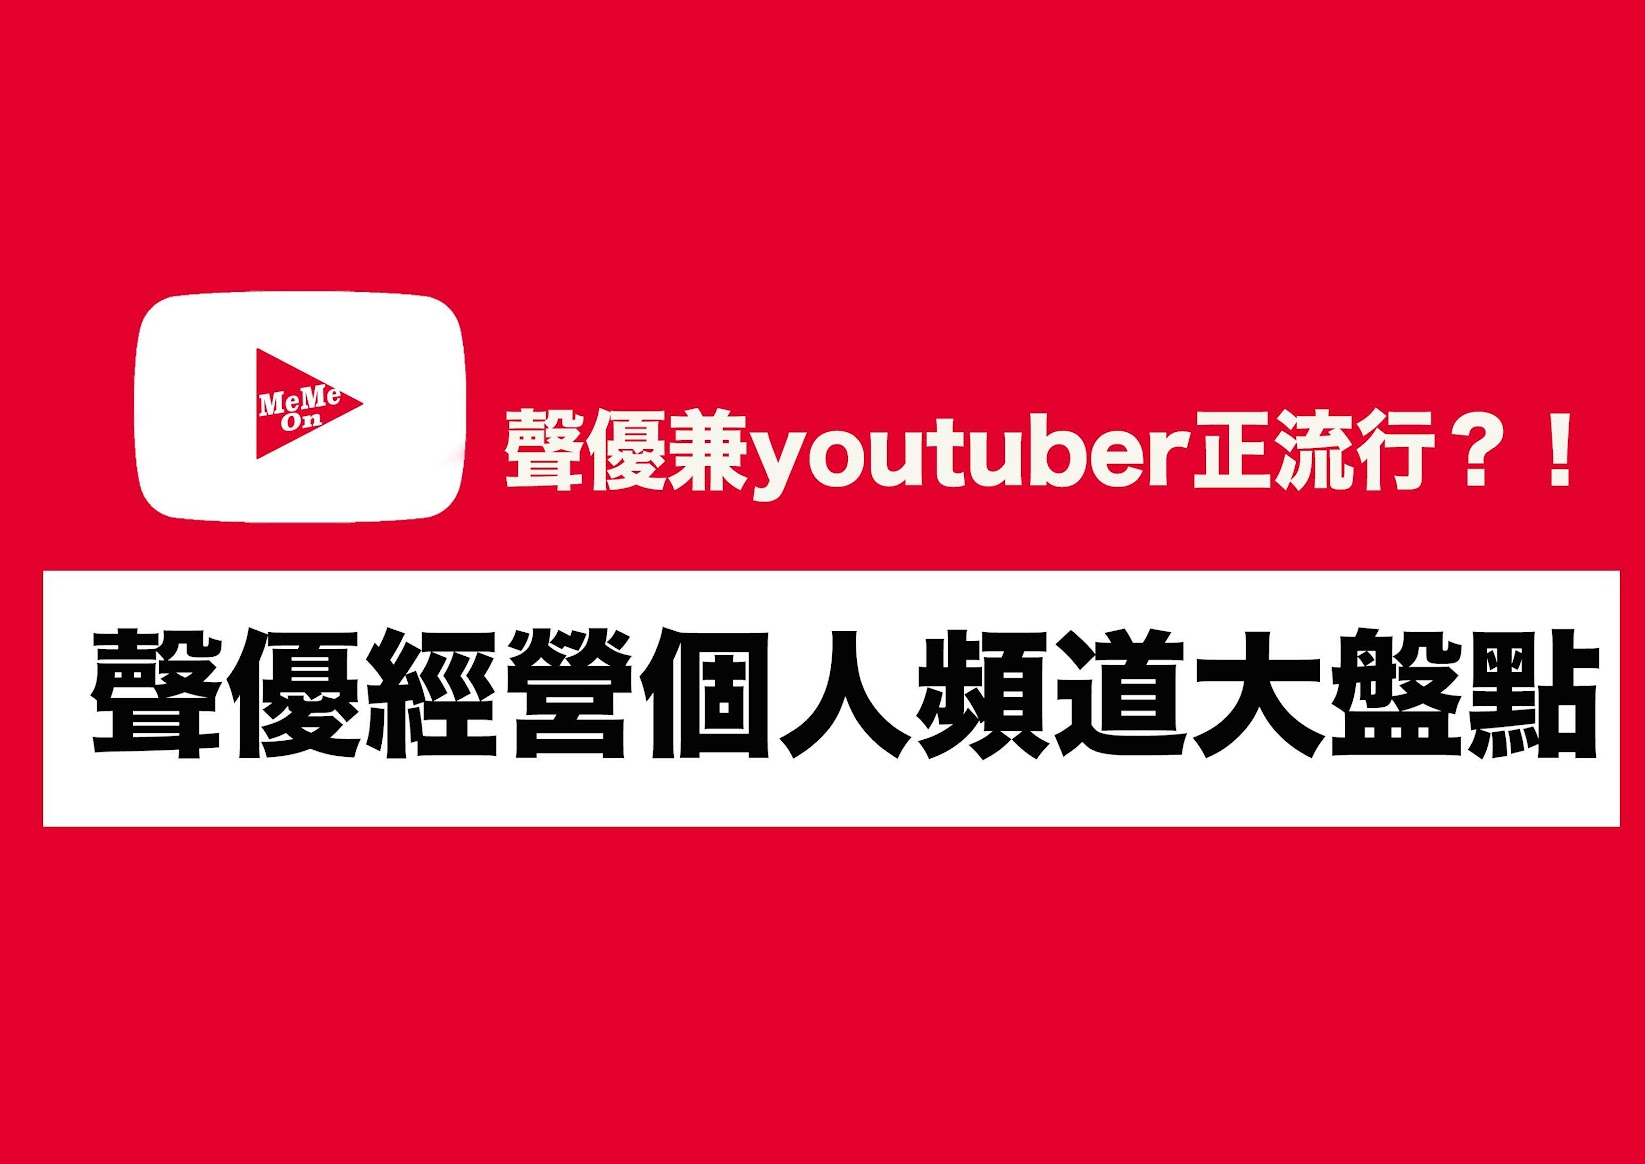 聲優兼 youtuber 正流行?!聲優經營個人頻道大盤點